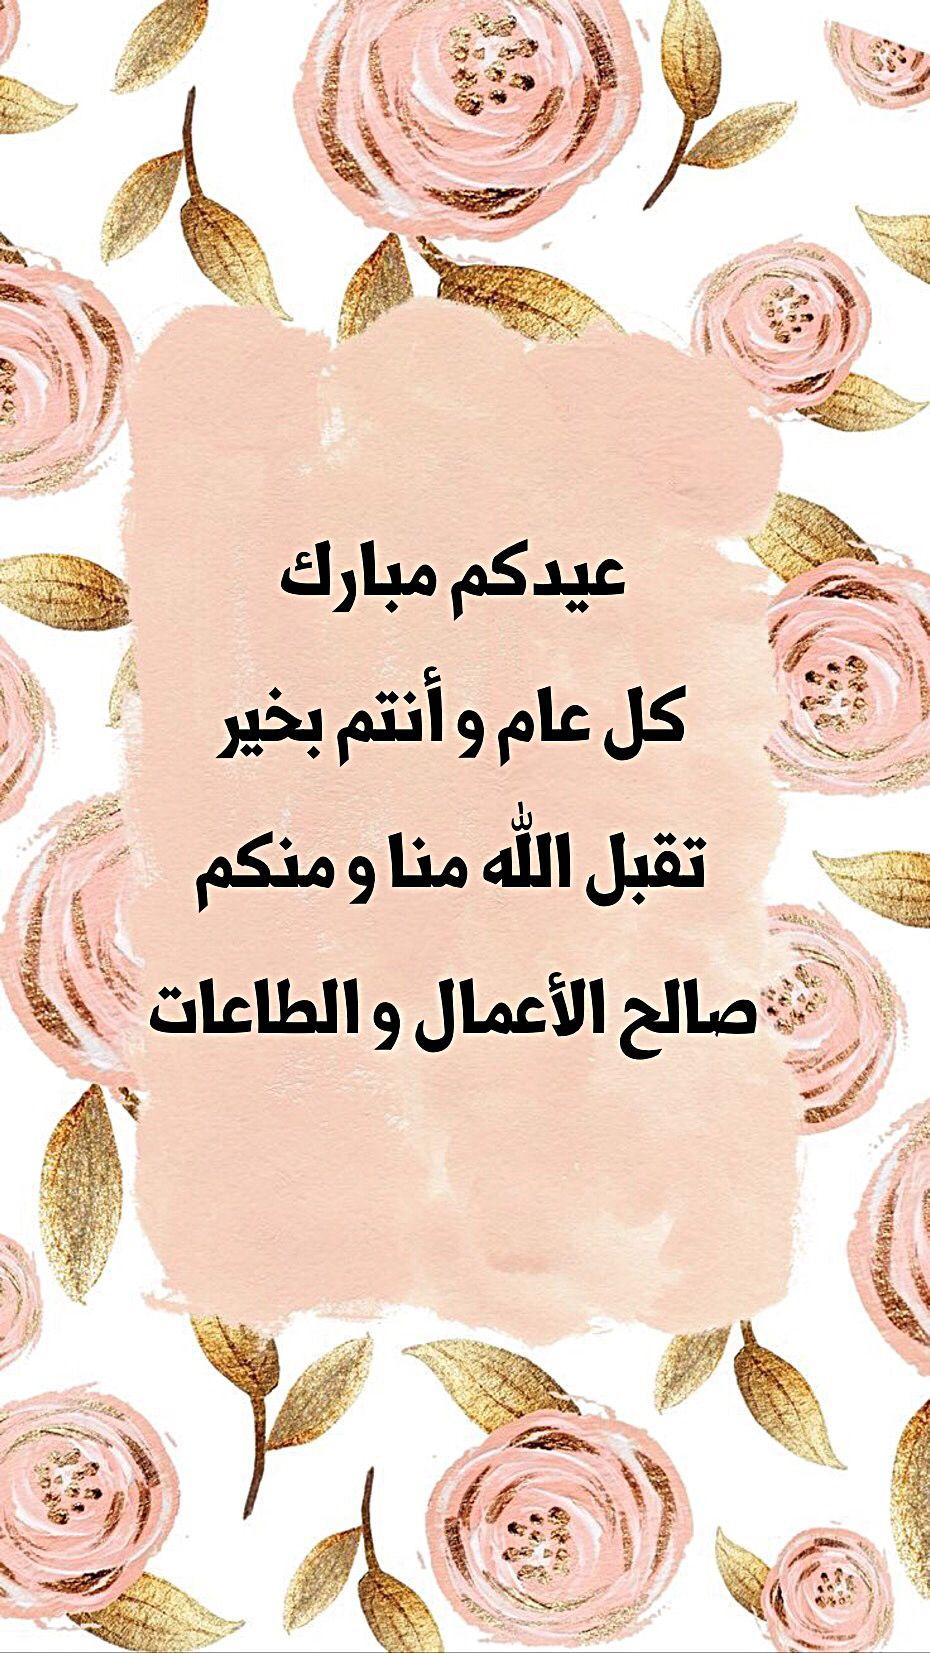 Pin By Rona Abdullah On عيدكم مبارك Eid Card Designs Eid Greetings Eid Cards